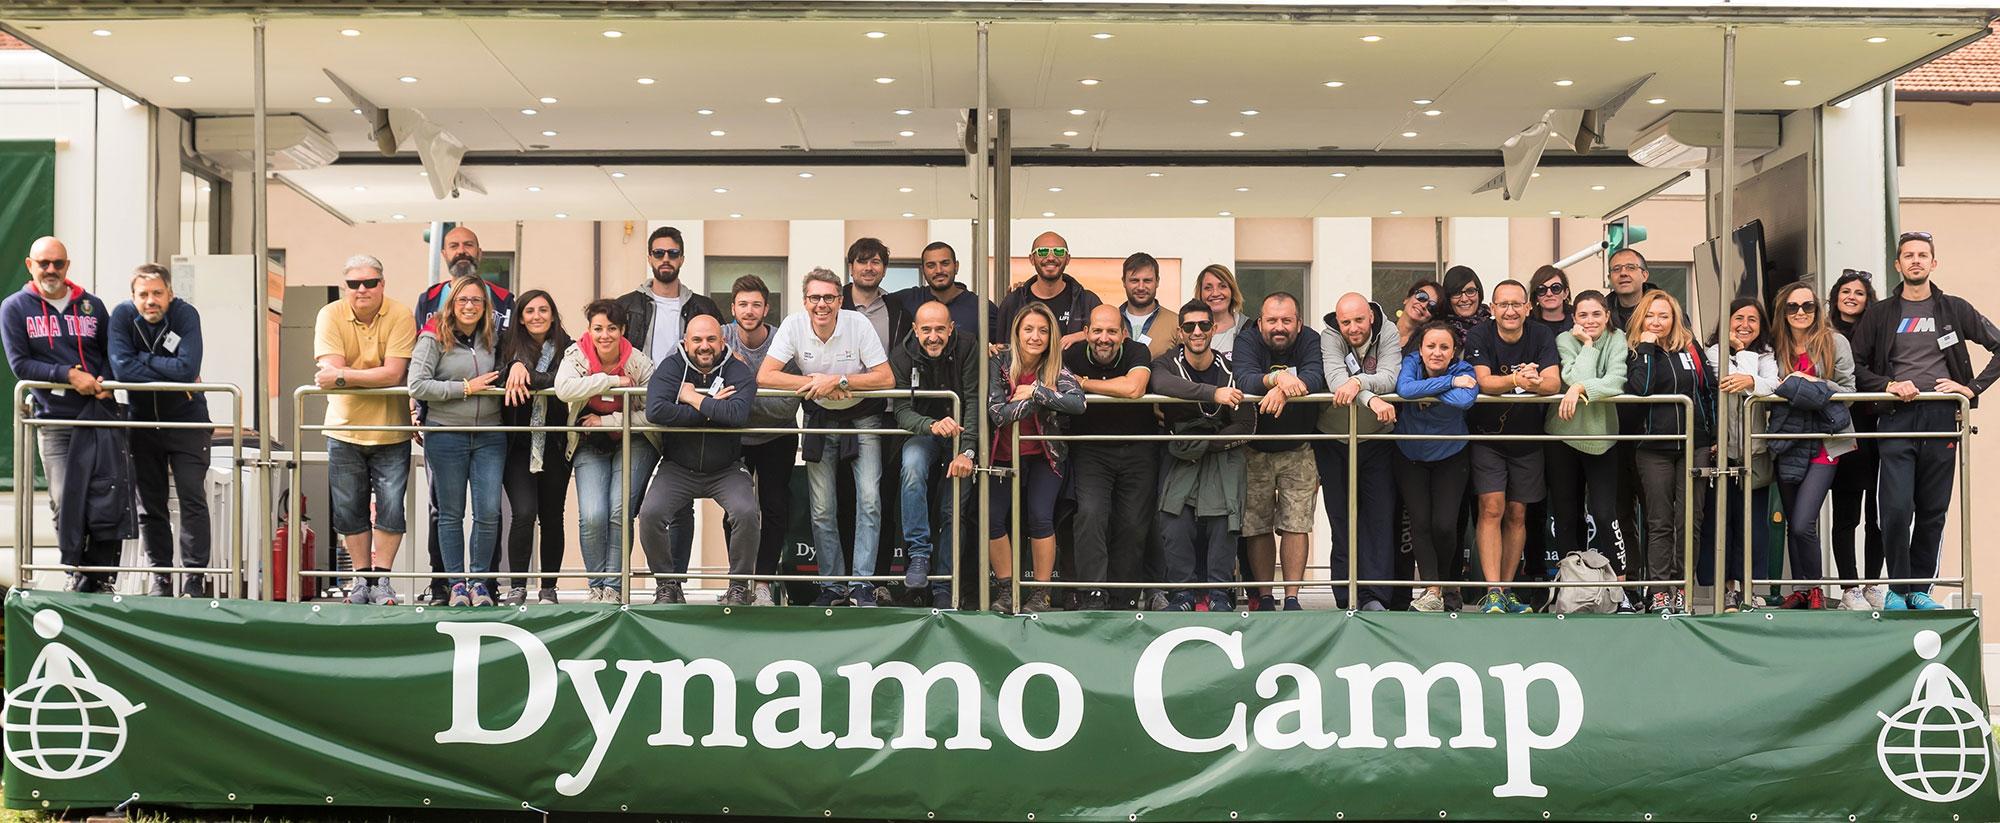 BMW Group Italia a Dynamo Camp per il programma di corporate volunteering thumbnail